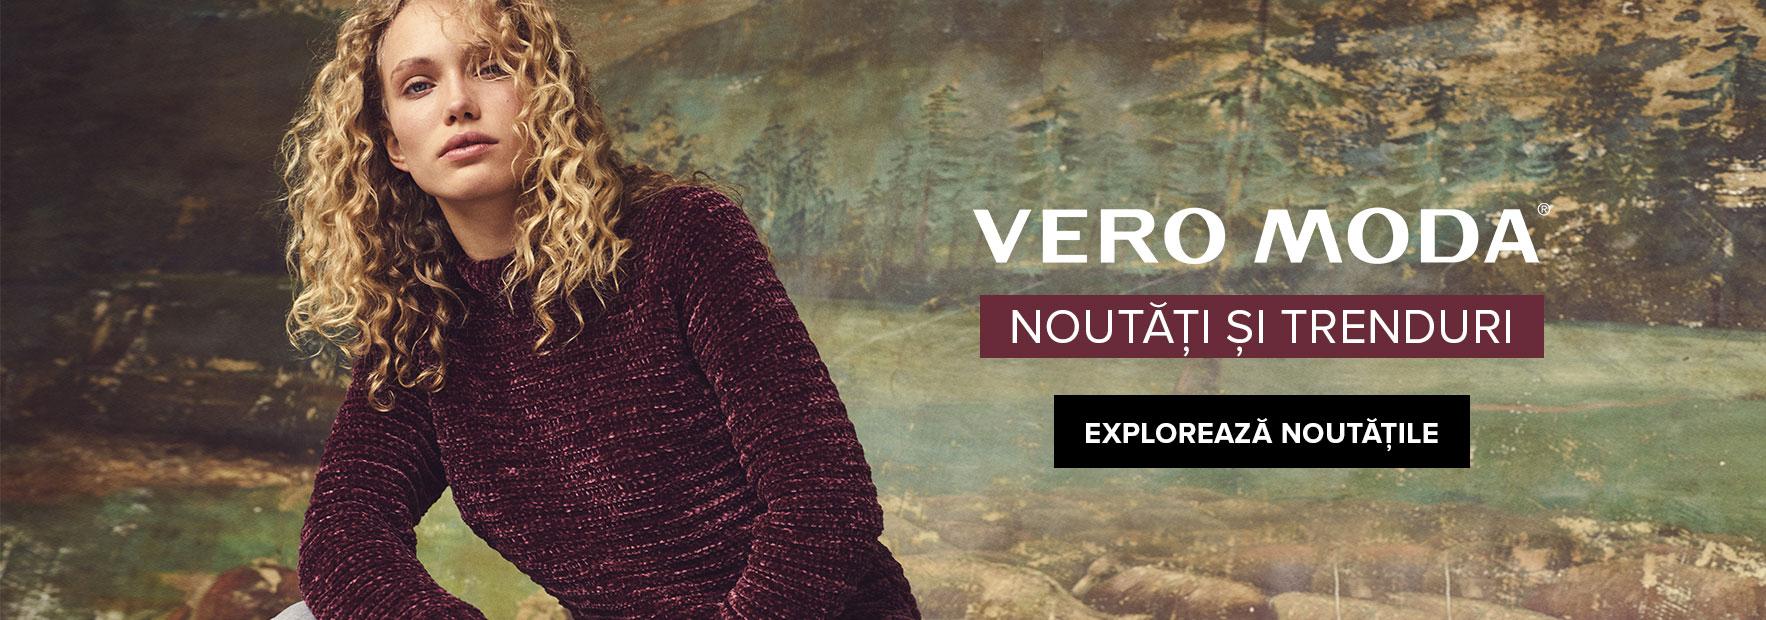 Noutăți și trenduri de la VERO MODA